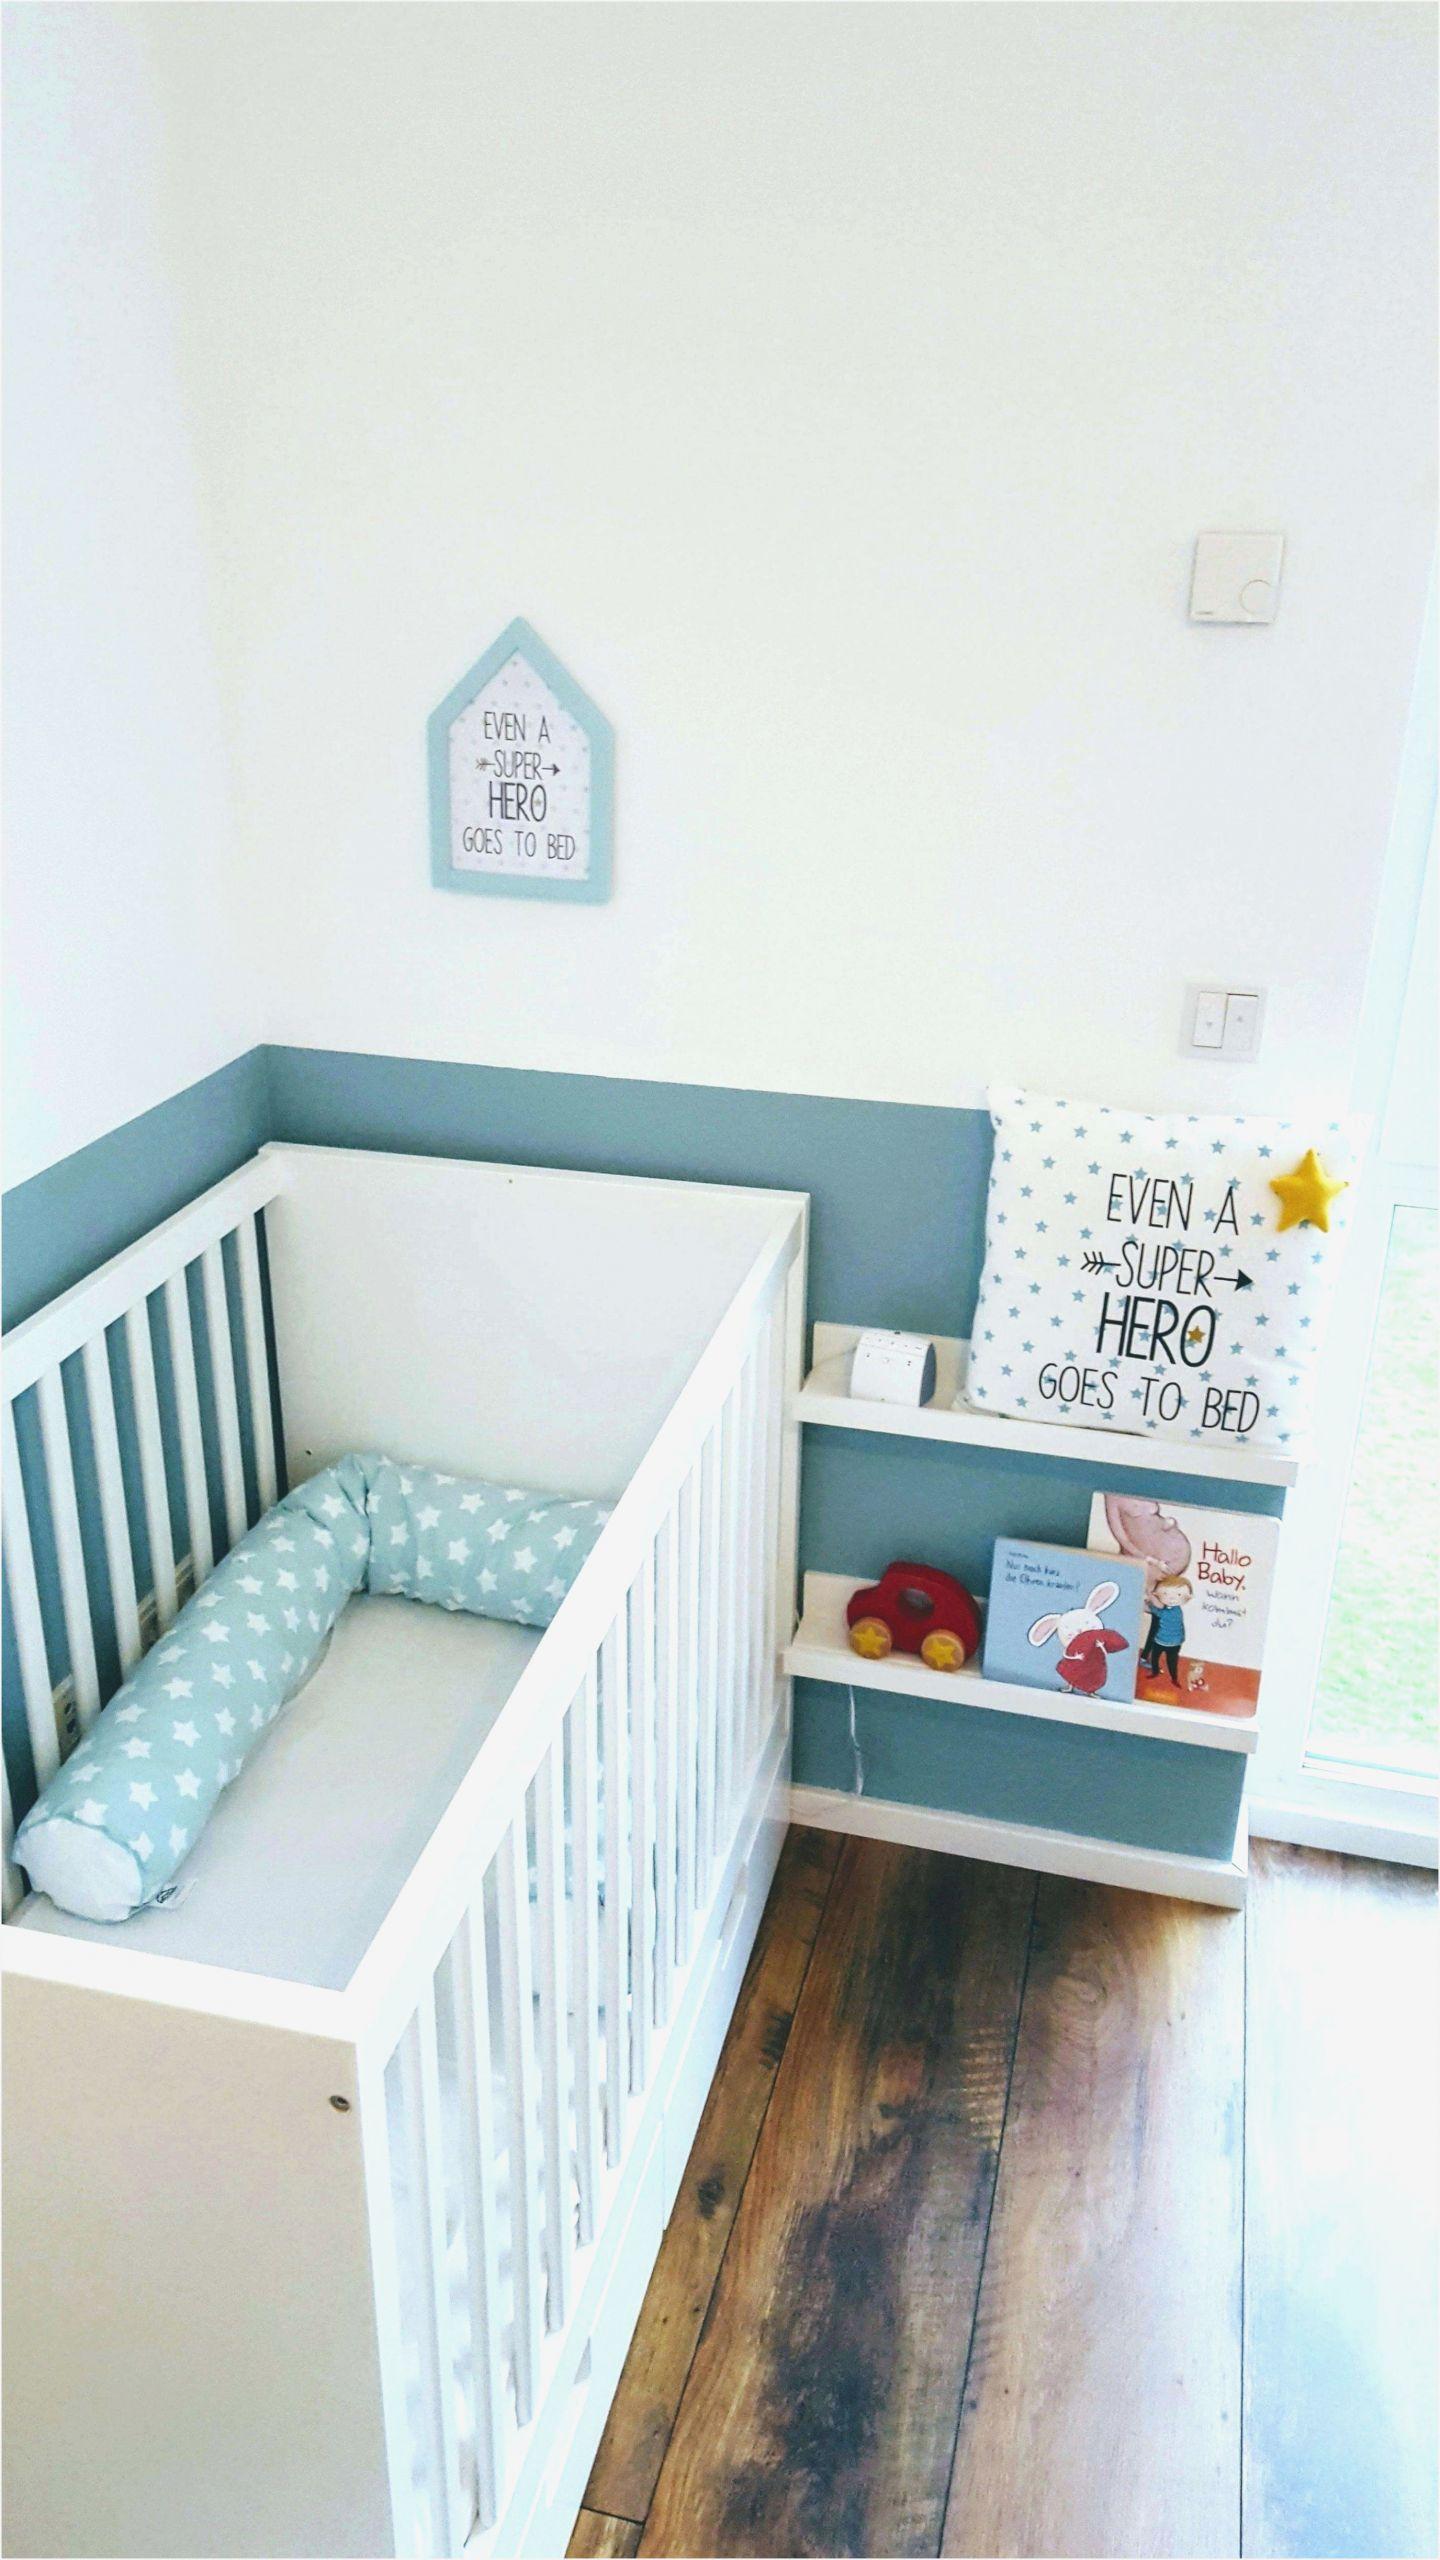 Full Size of Kinderzimmer Jungen Ikea Traumhaus Dekoration Regal Weiß Sofa Regale Kinderzimmer Kinderzimmer Jungen